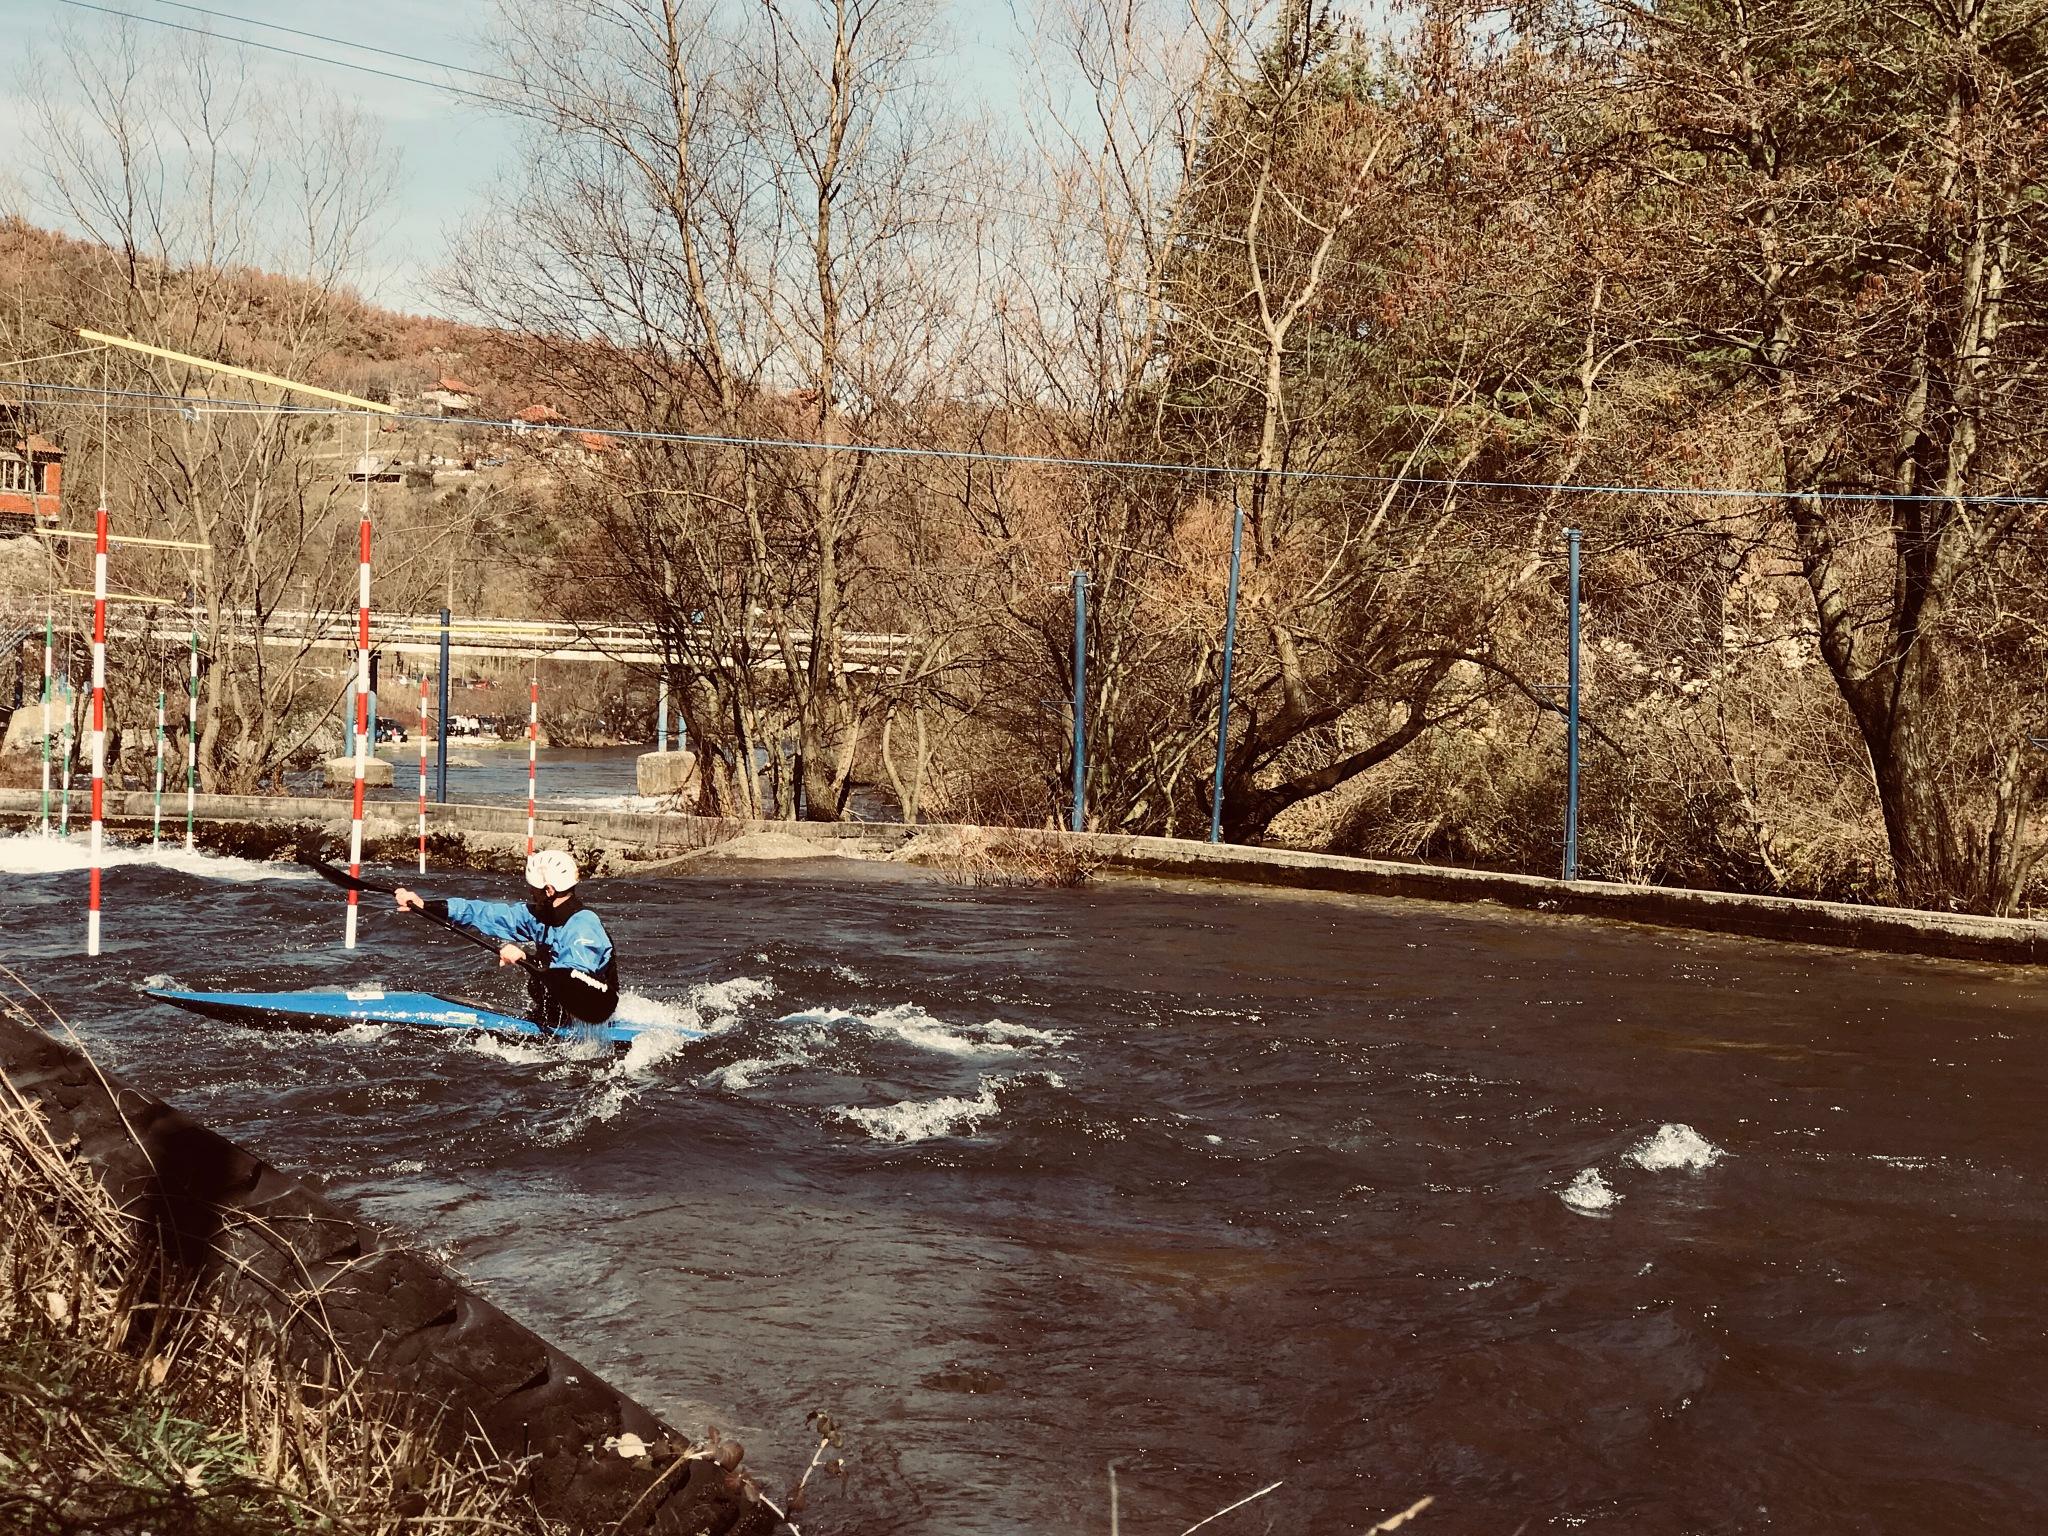 Kayaking on a sunny day  by Vladimir Bocevski